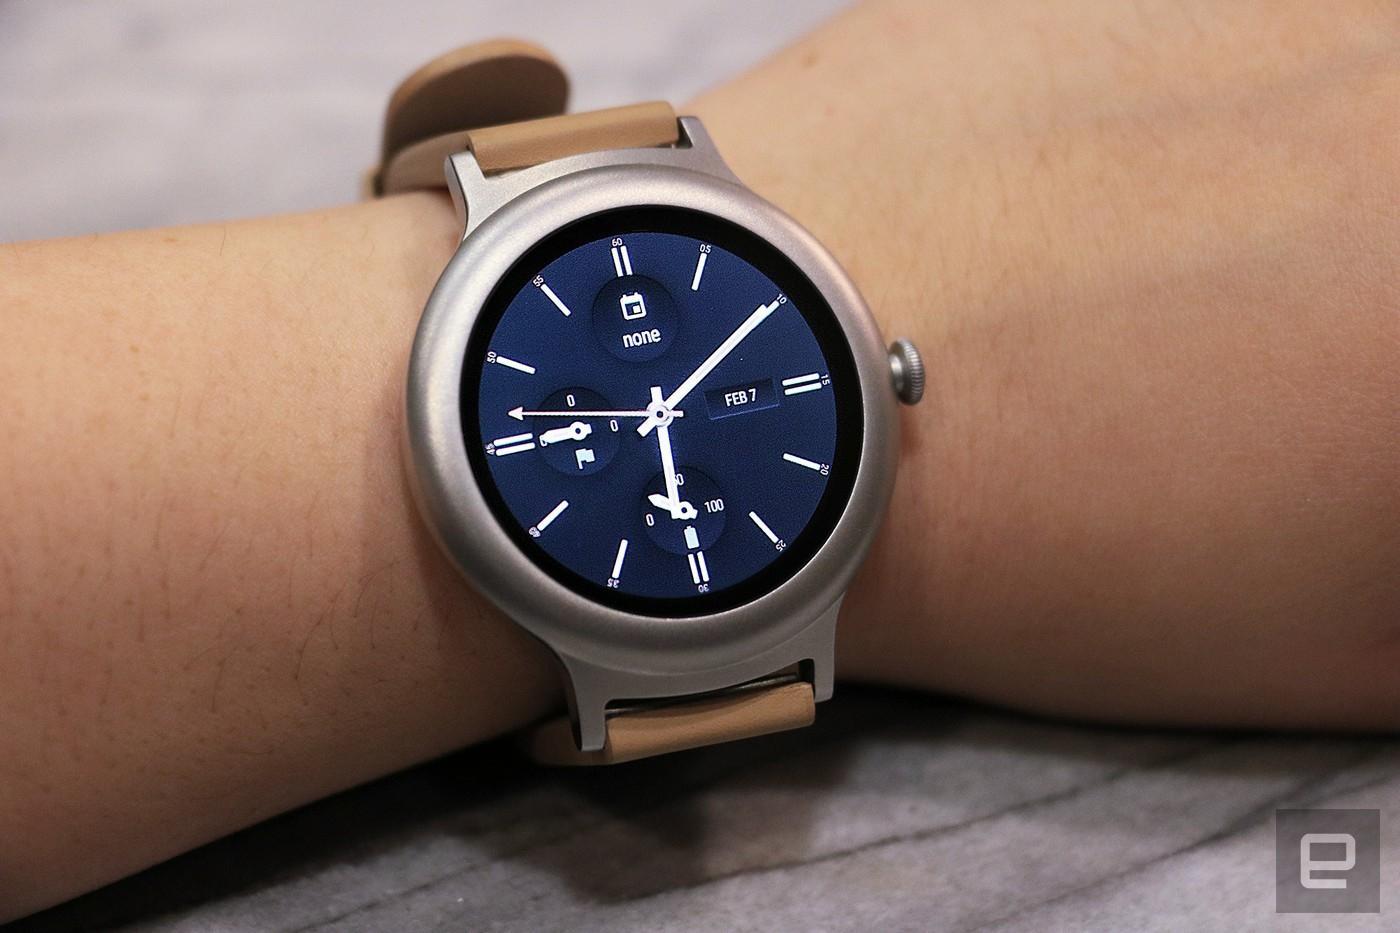 LG新款智能手表或将加入GPS和NFC功能